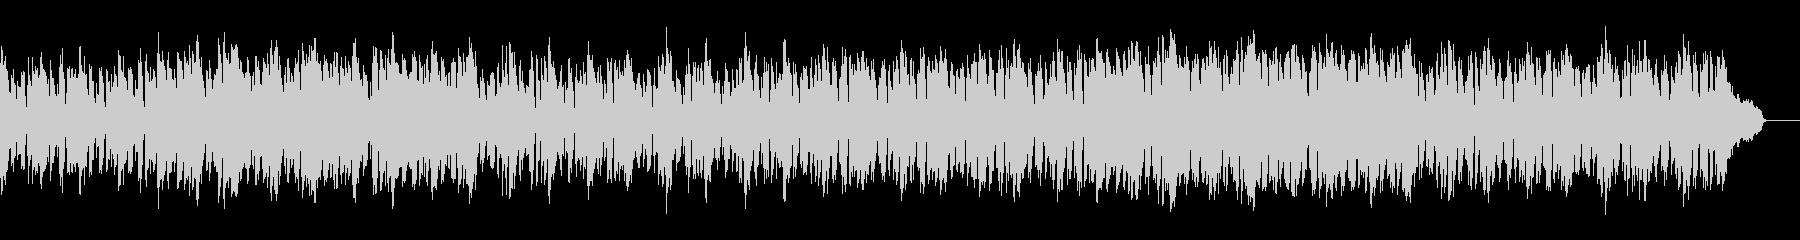 オシャレなボサノバ・カフェミュージックの未再生の波形